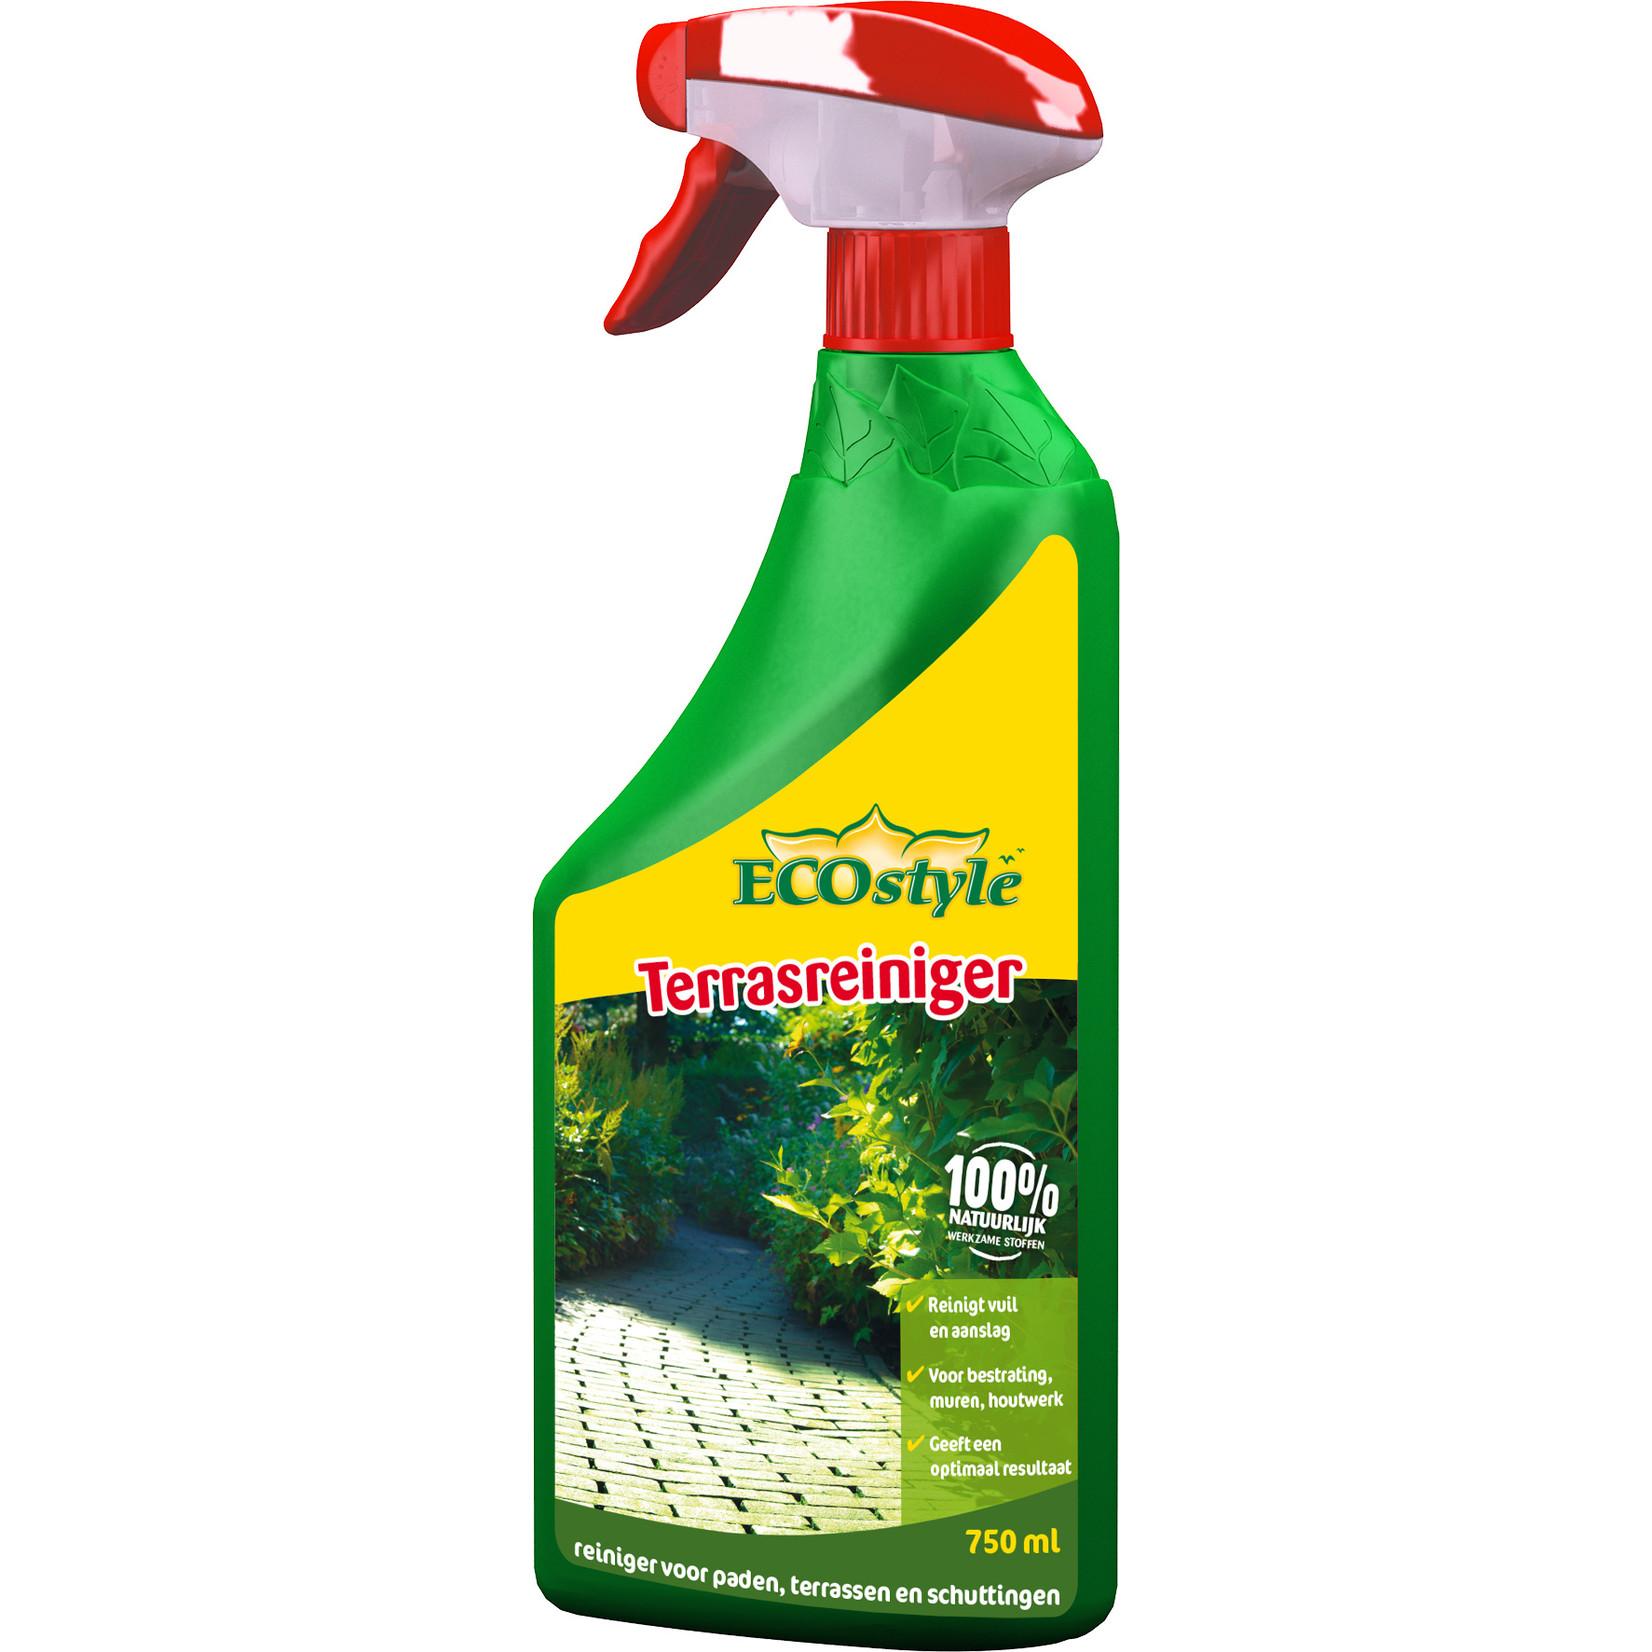 Ecostyle Terrasreiniger 750 ml (gebruiksklaar)